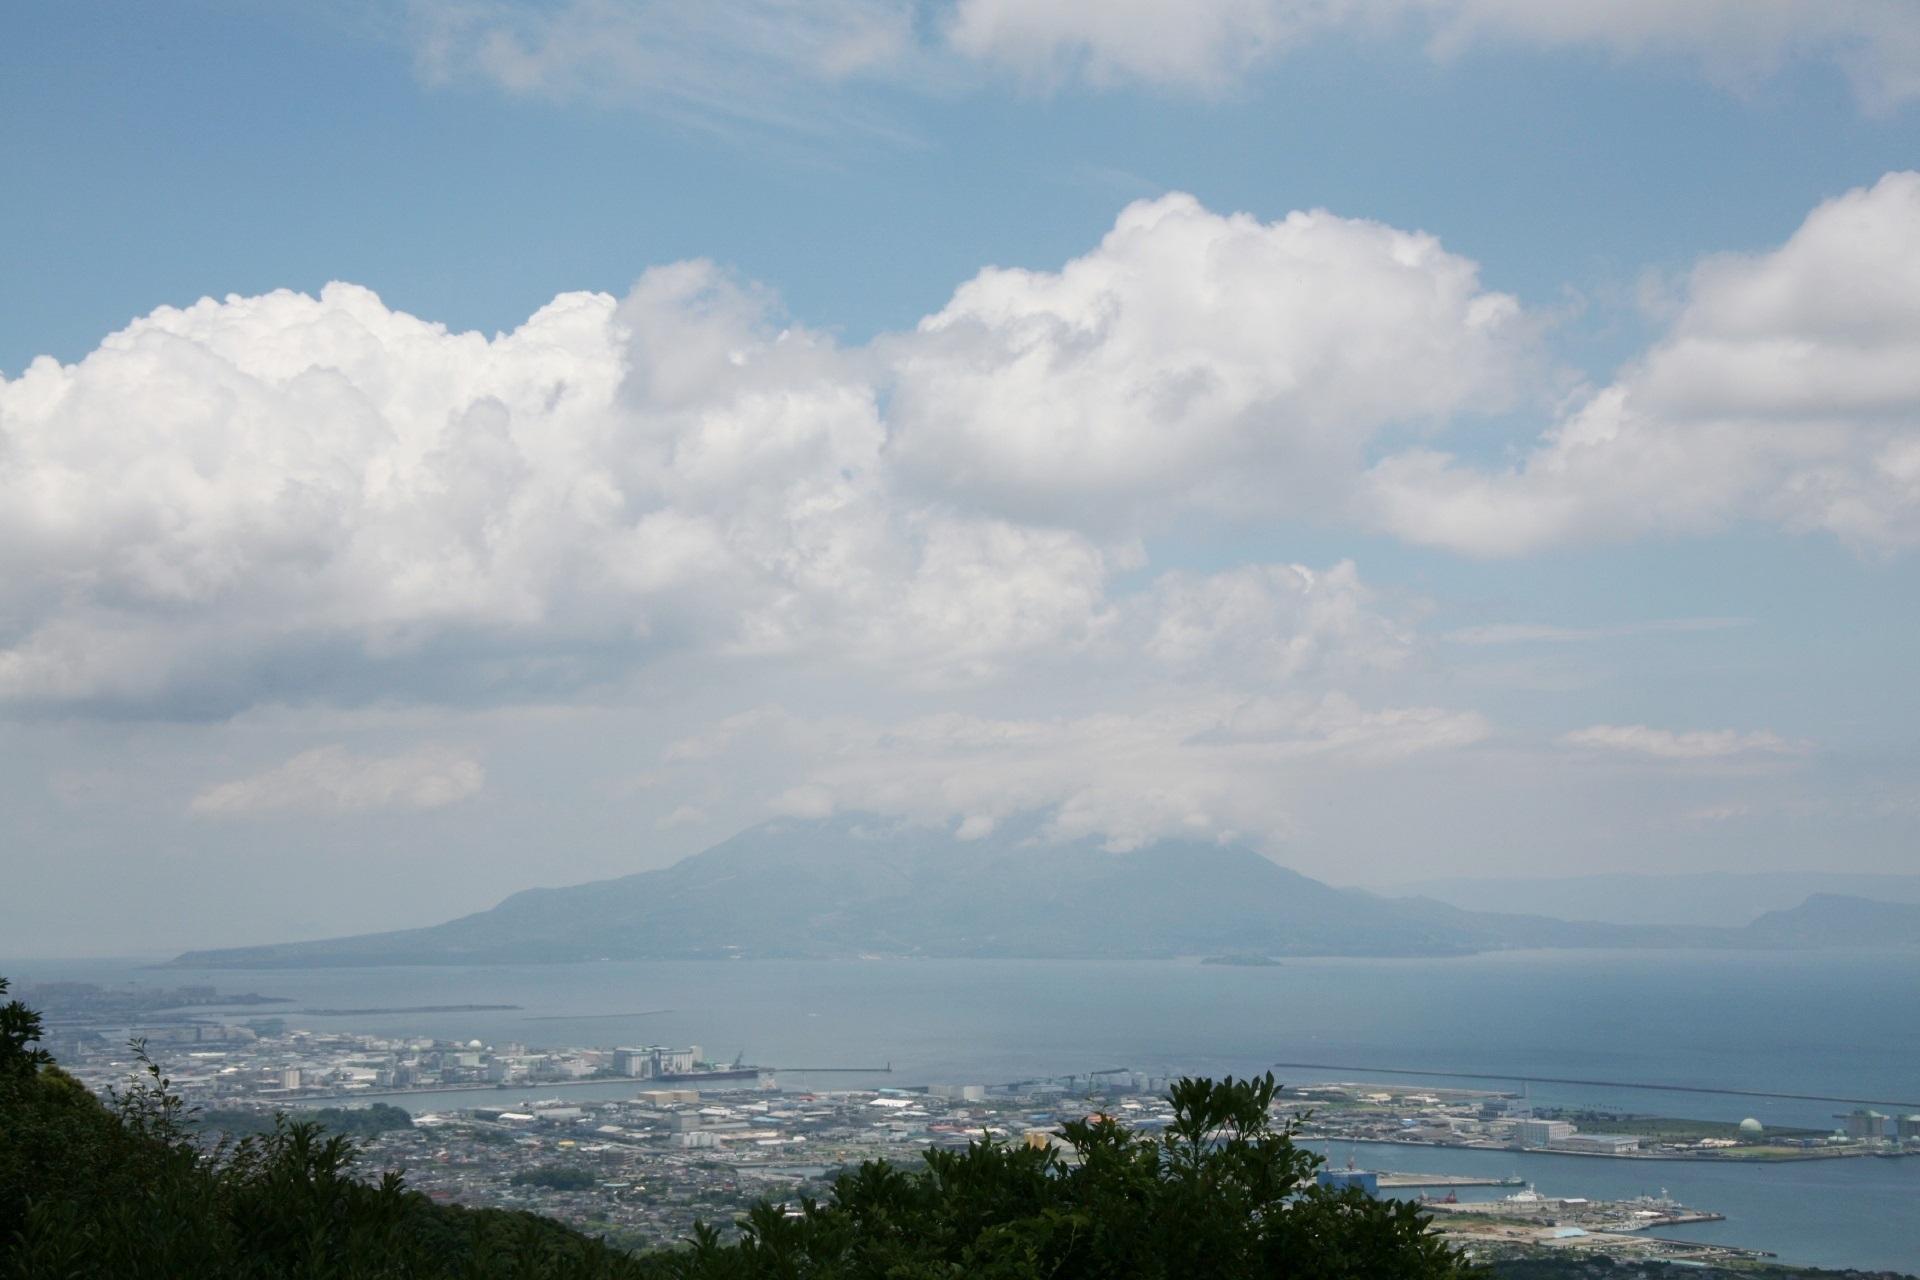 夏の桜島と鹿児島湾と鹿児島の街並み 鹿児島の風景